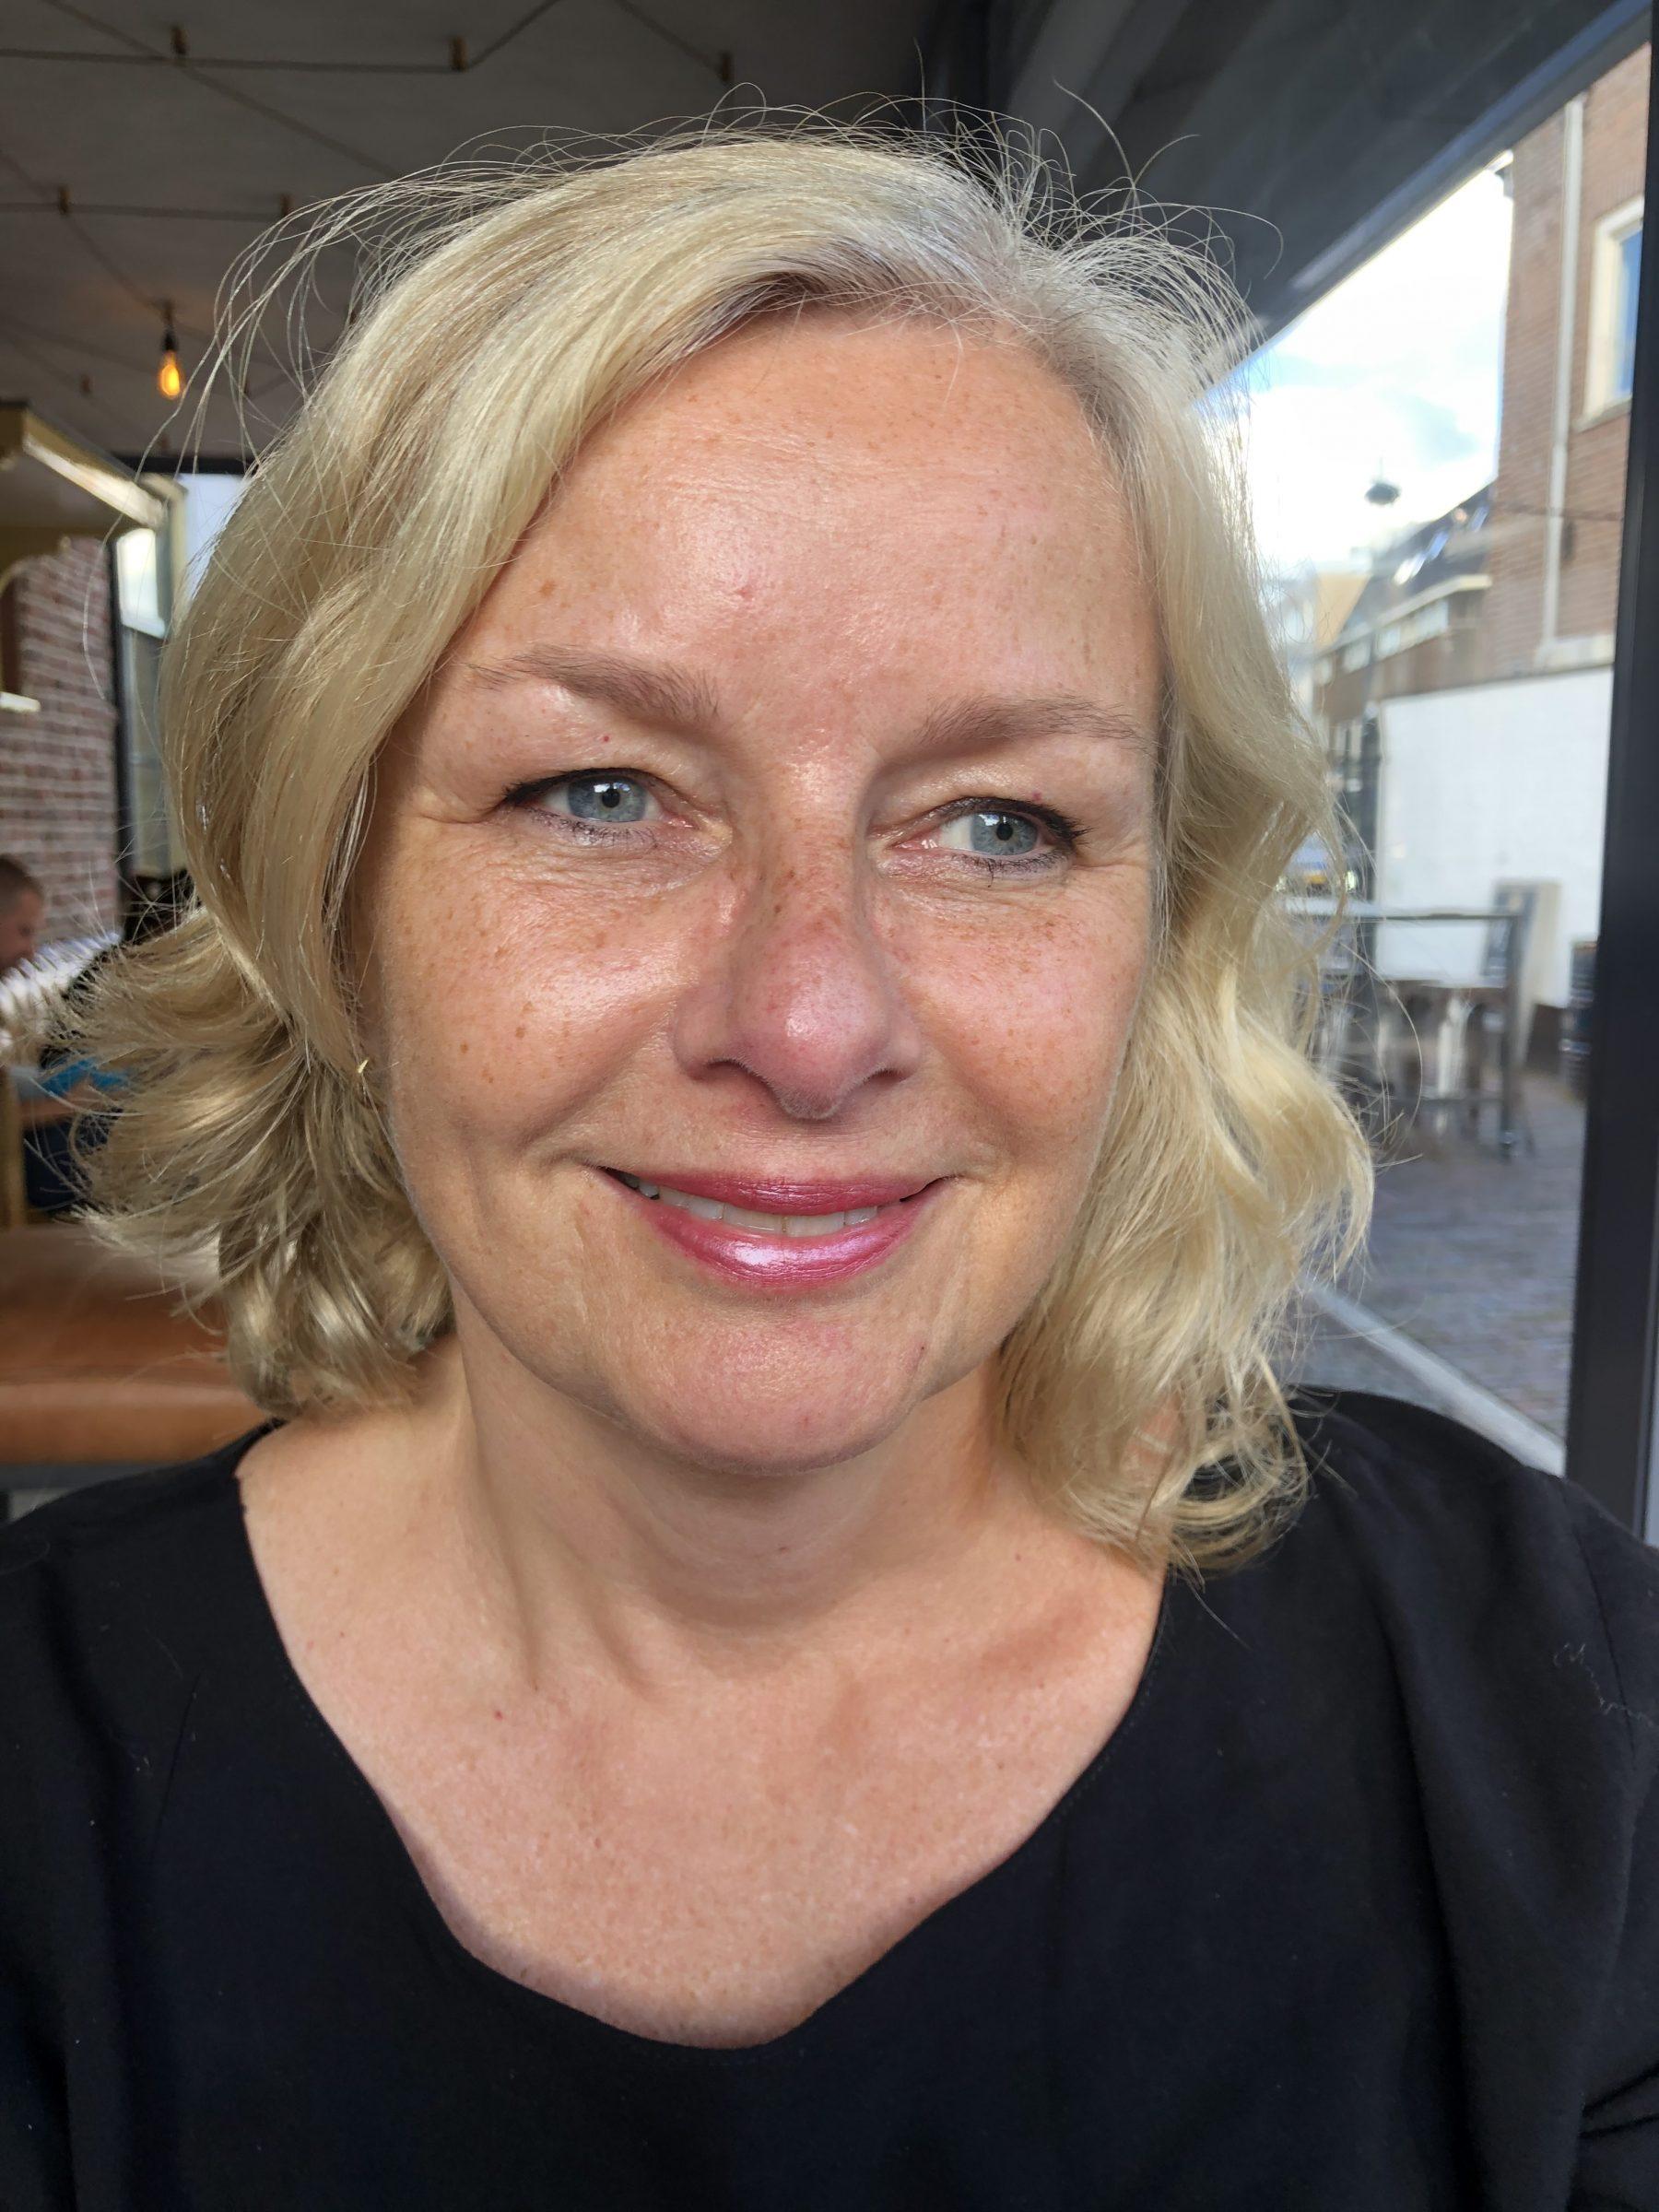 Hulp bij relatieproblemen en psychische klachten in Hilversum en Almere